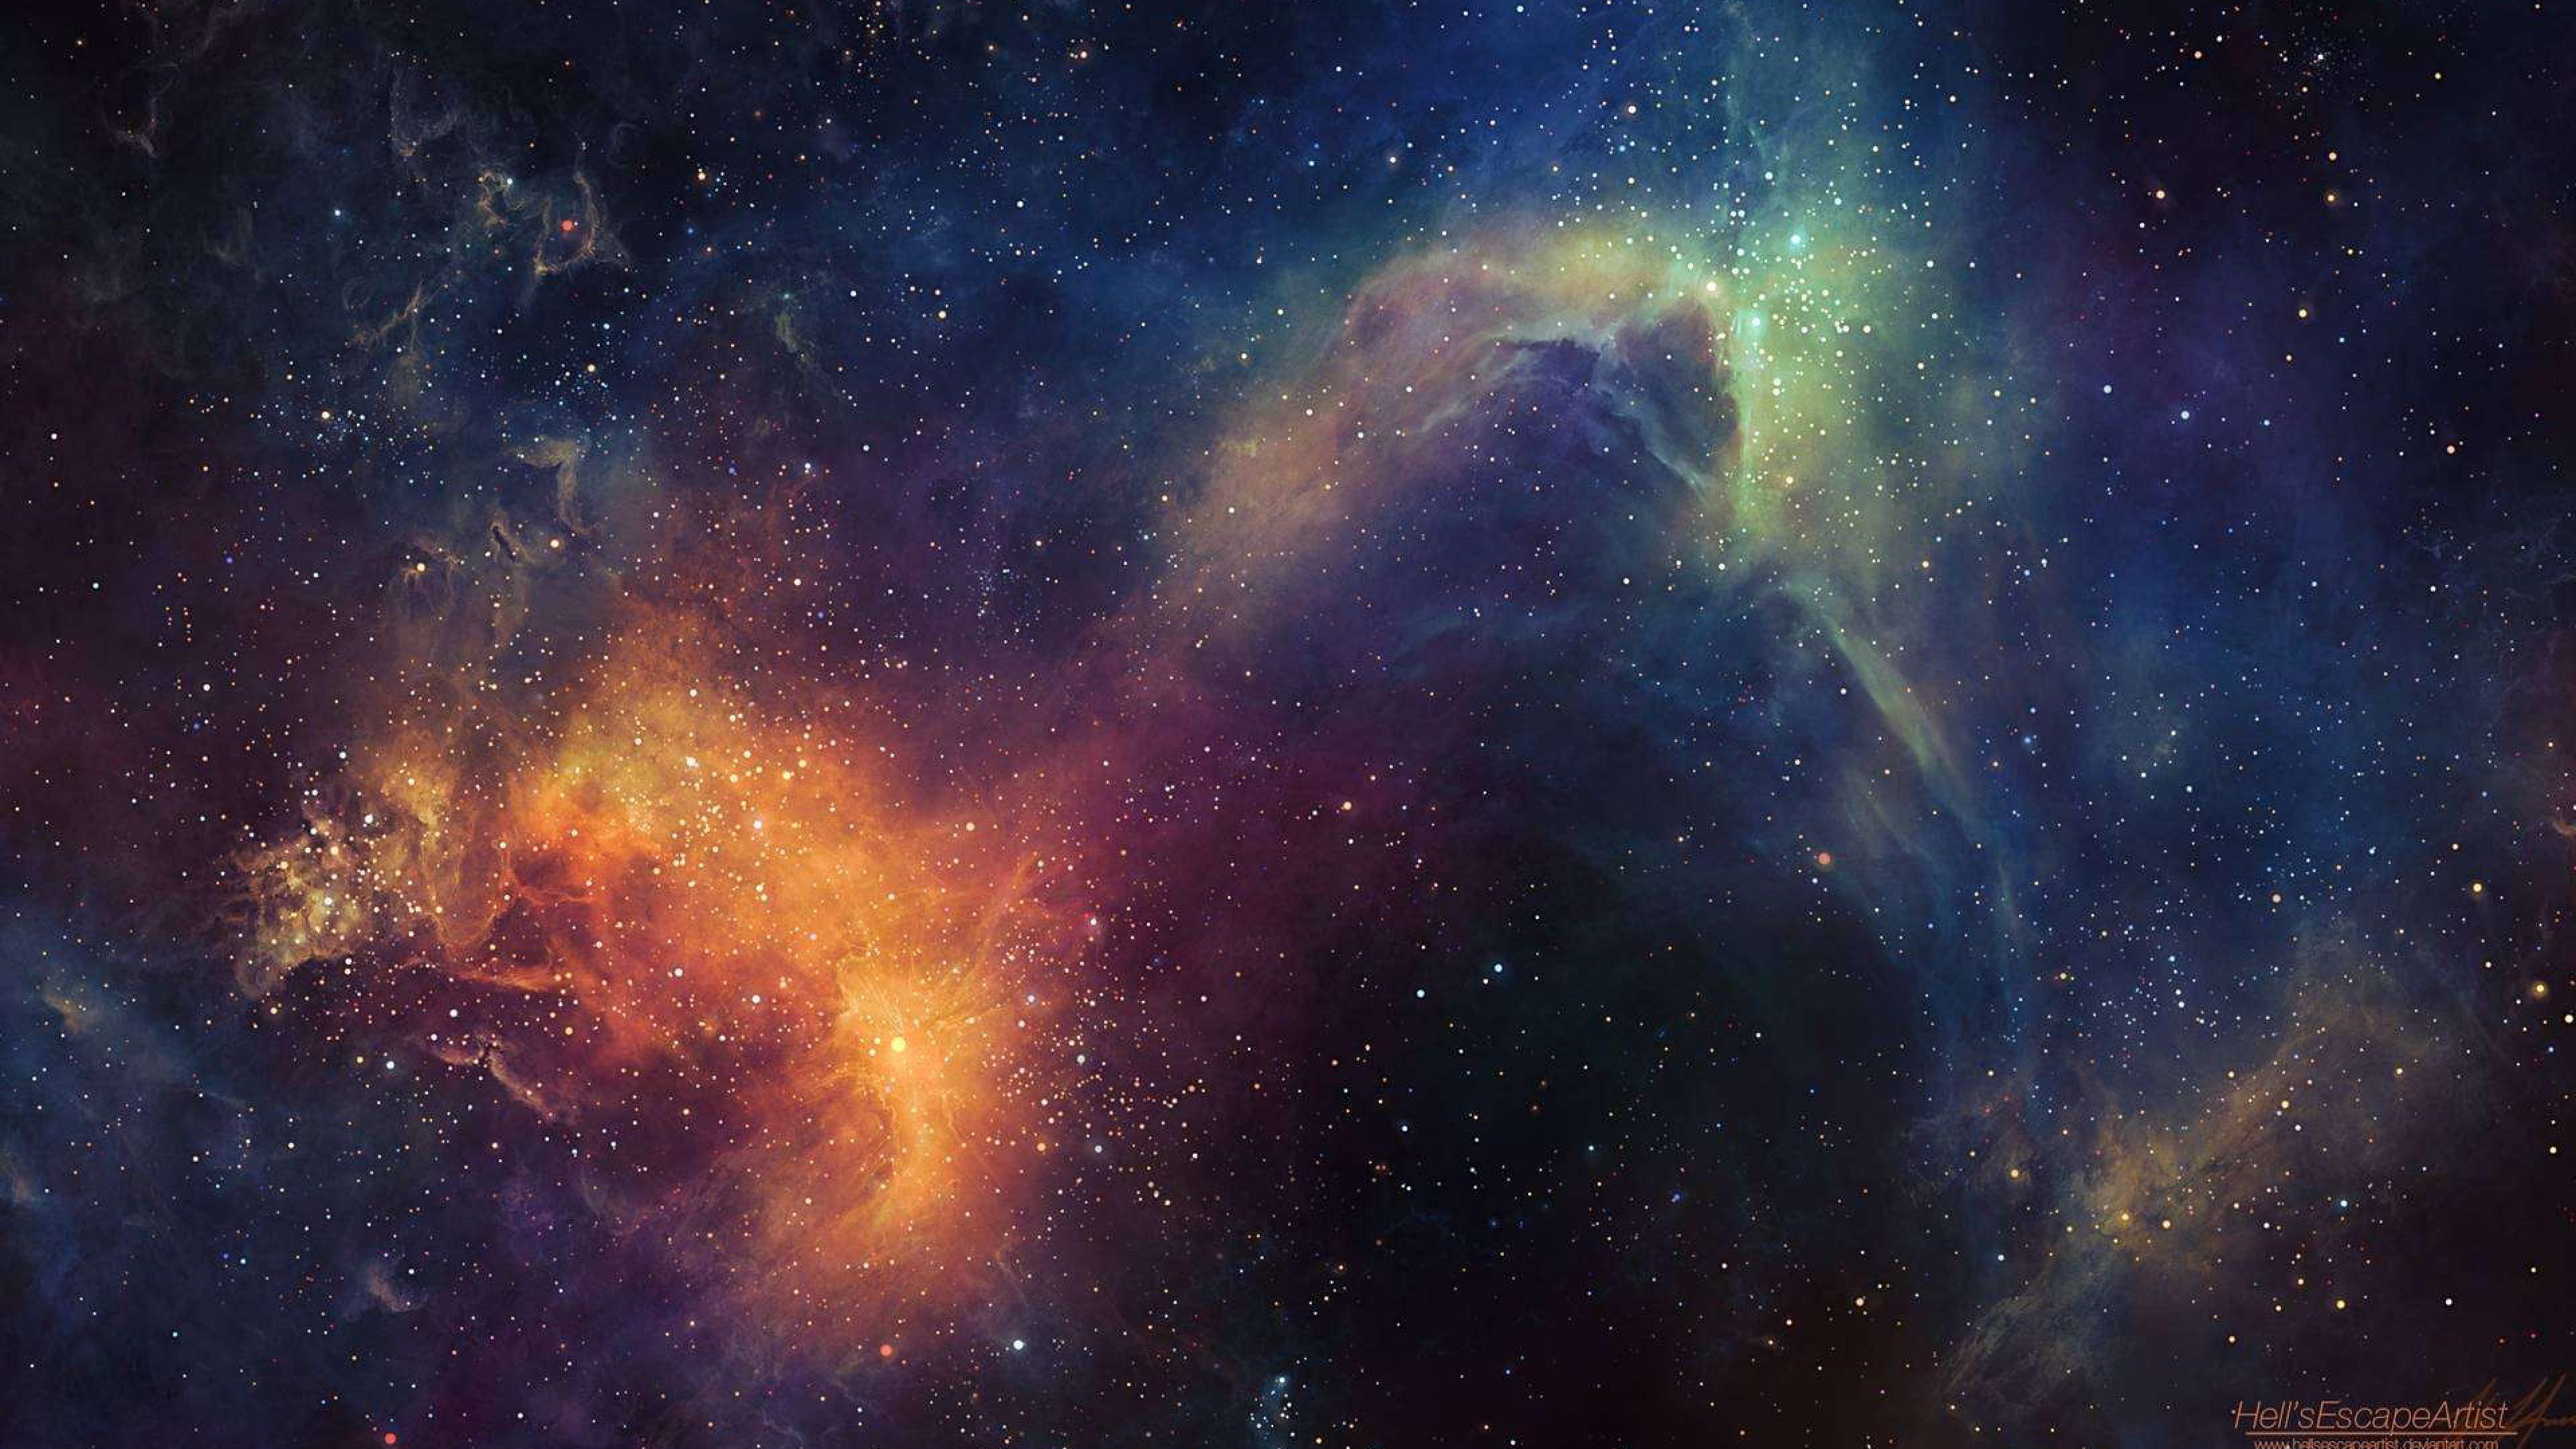 Ultra Hd 4k Universe Wallpapers Hd, Desktop Backgrounds - Space Background , HD Wallpaper & Backgrounds